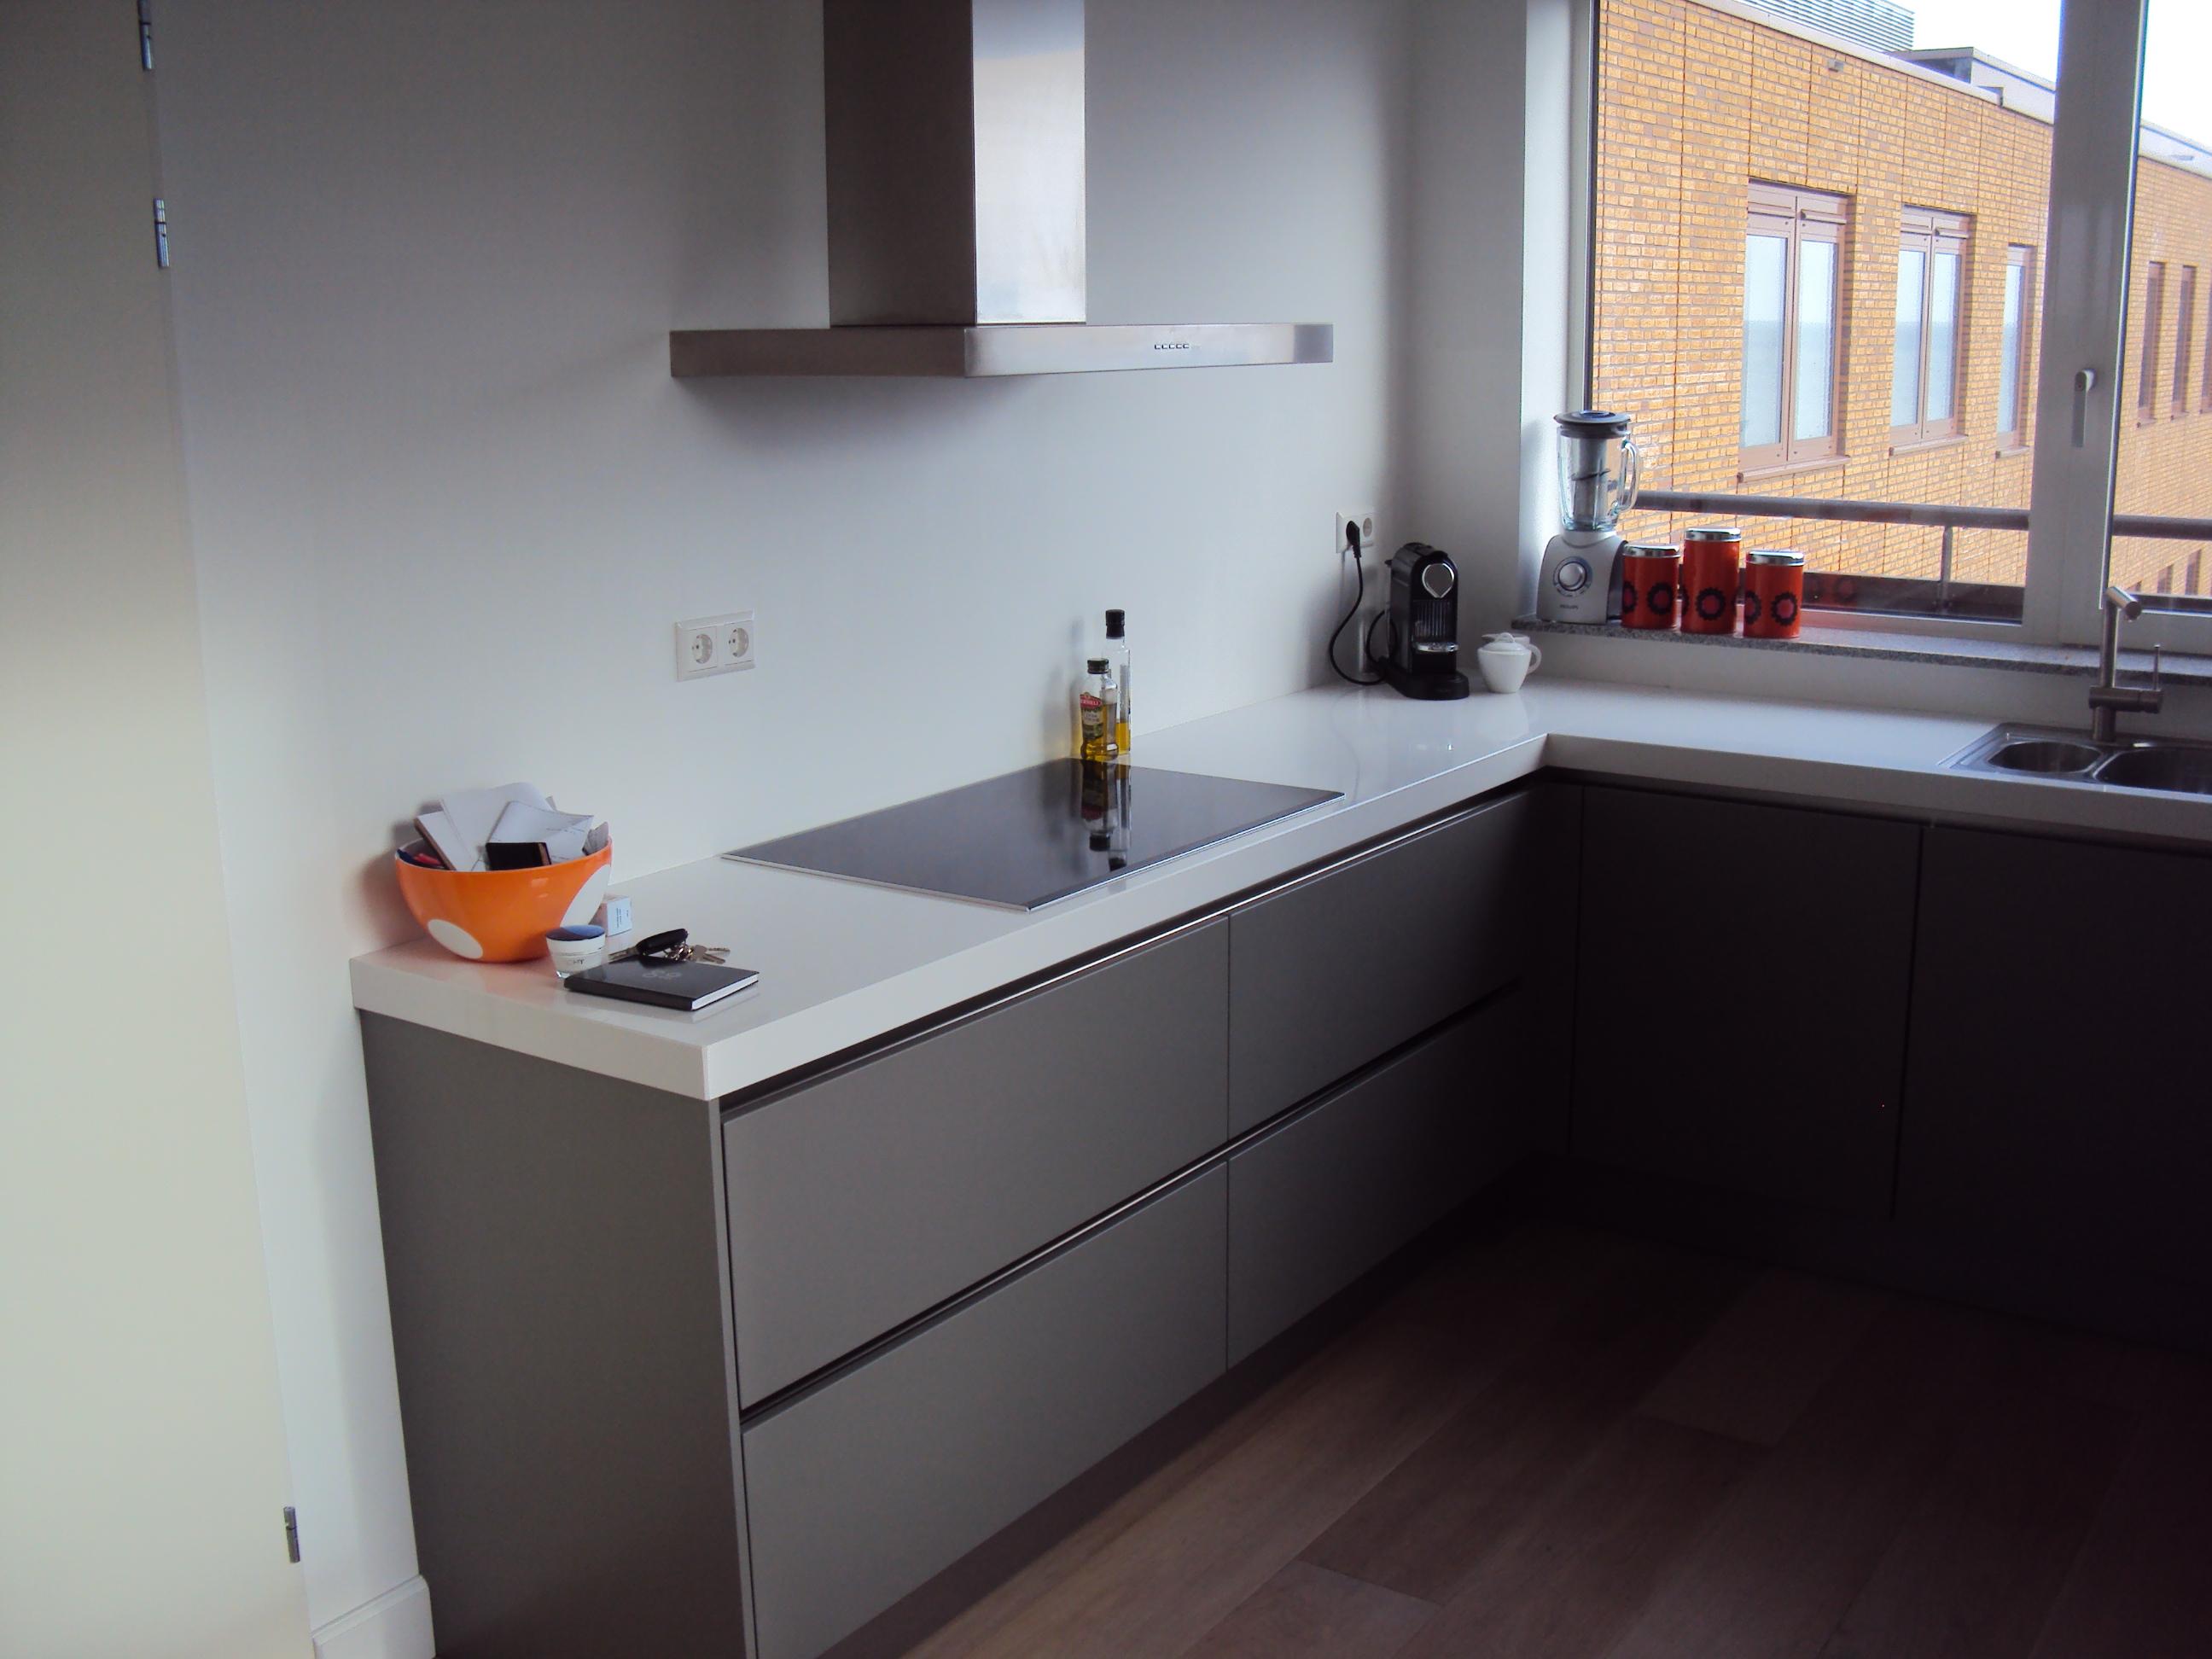 Grando Keukens Zaandam : Keuken zaandam referenties op huis ontwerp interieur decoratie